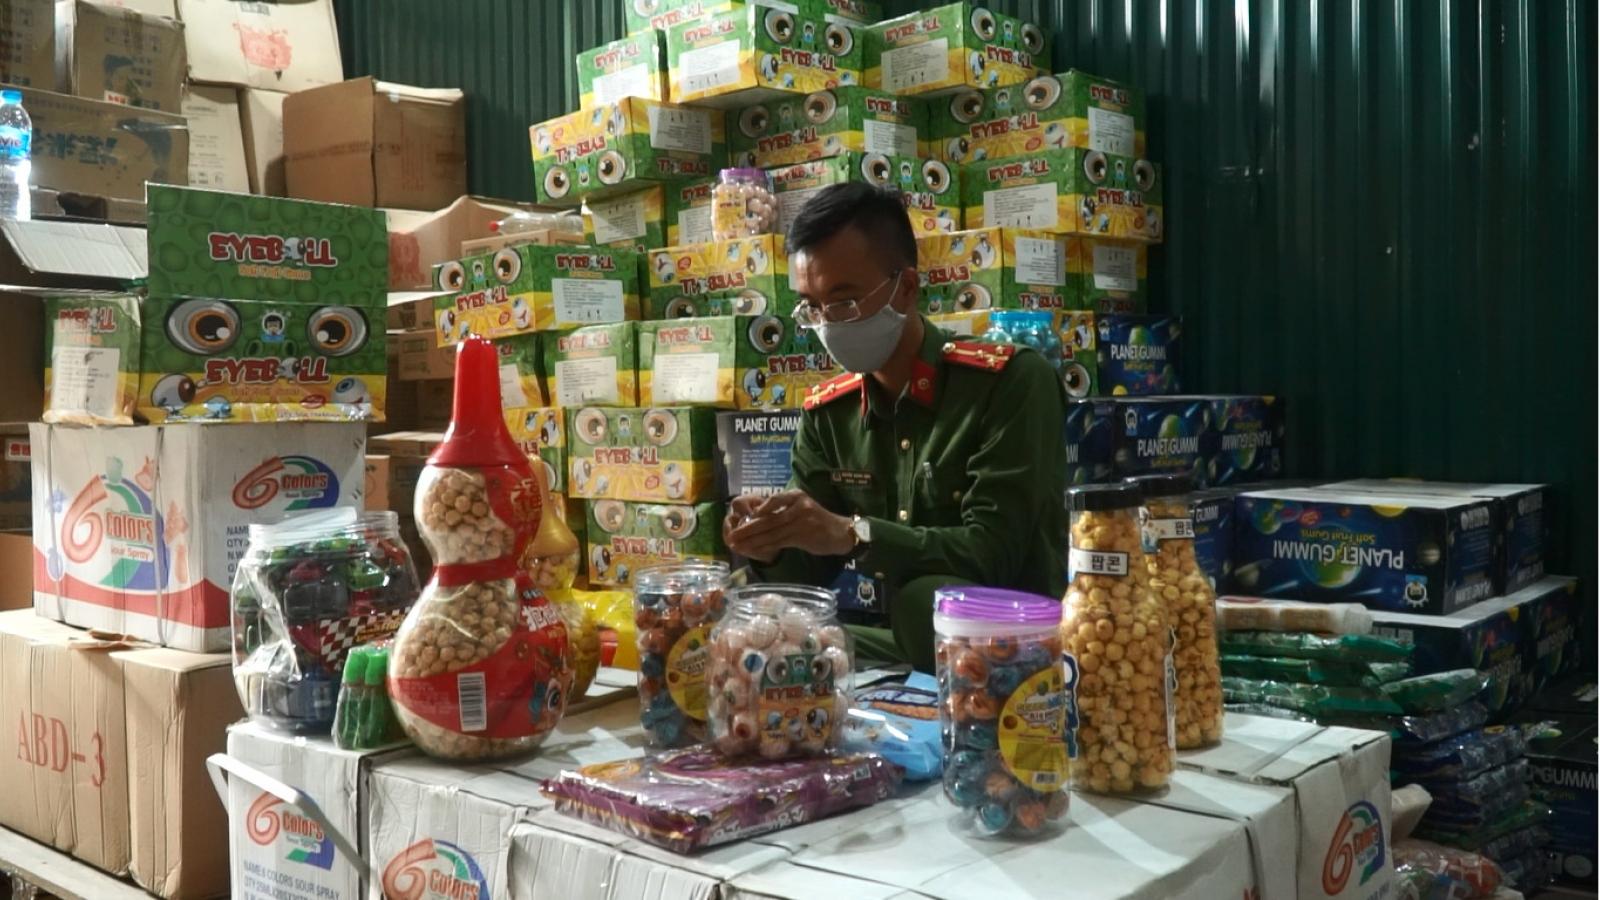 Hà Nội liên tục phát hiện các kho hàng với hàng nghìn sản phẩm bánh kẹo không rõ nguồn gốc